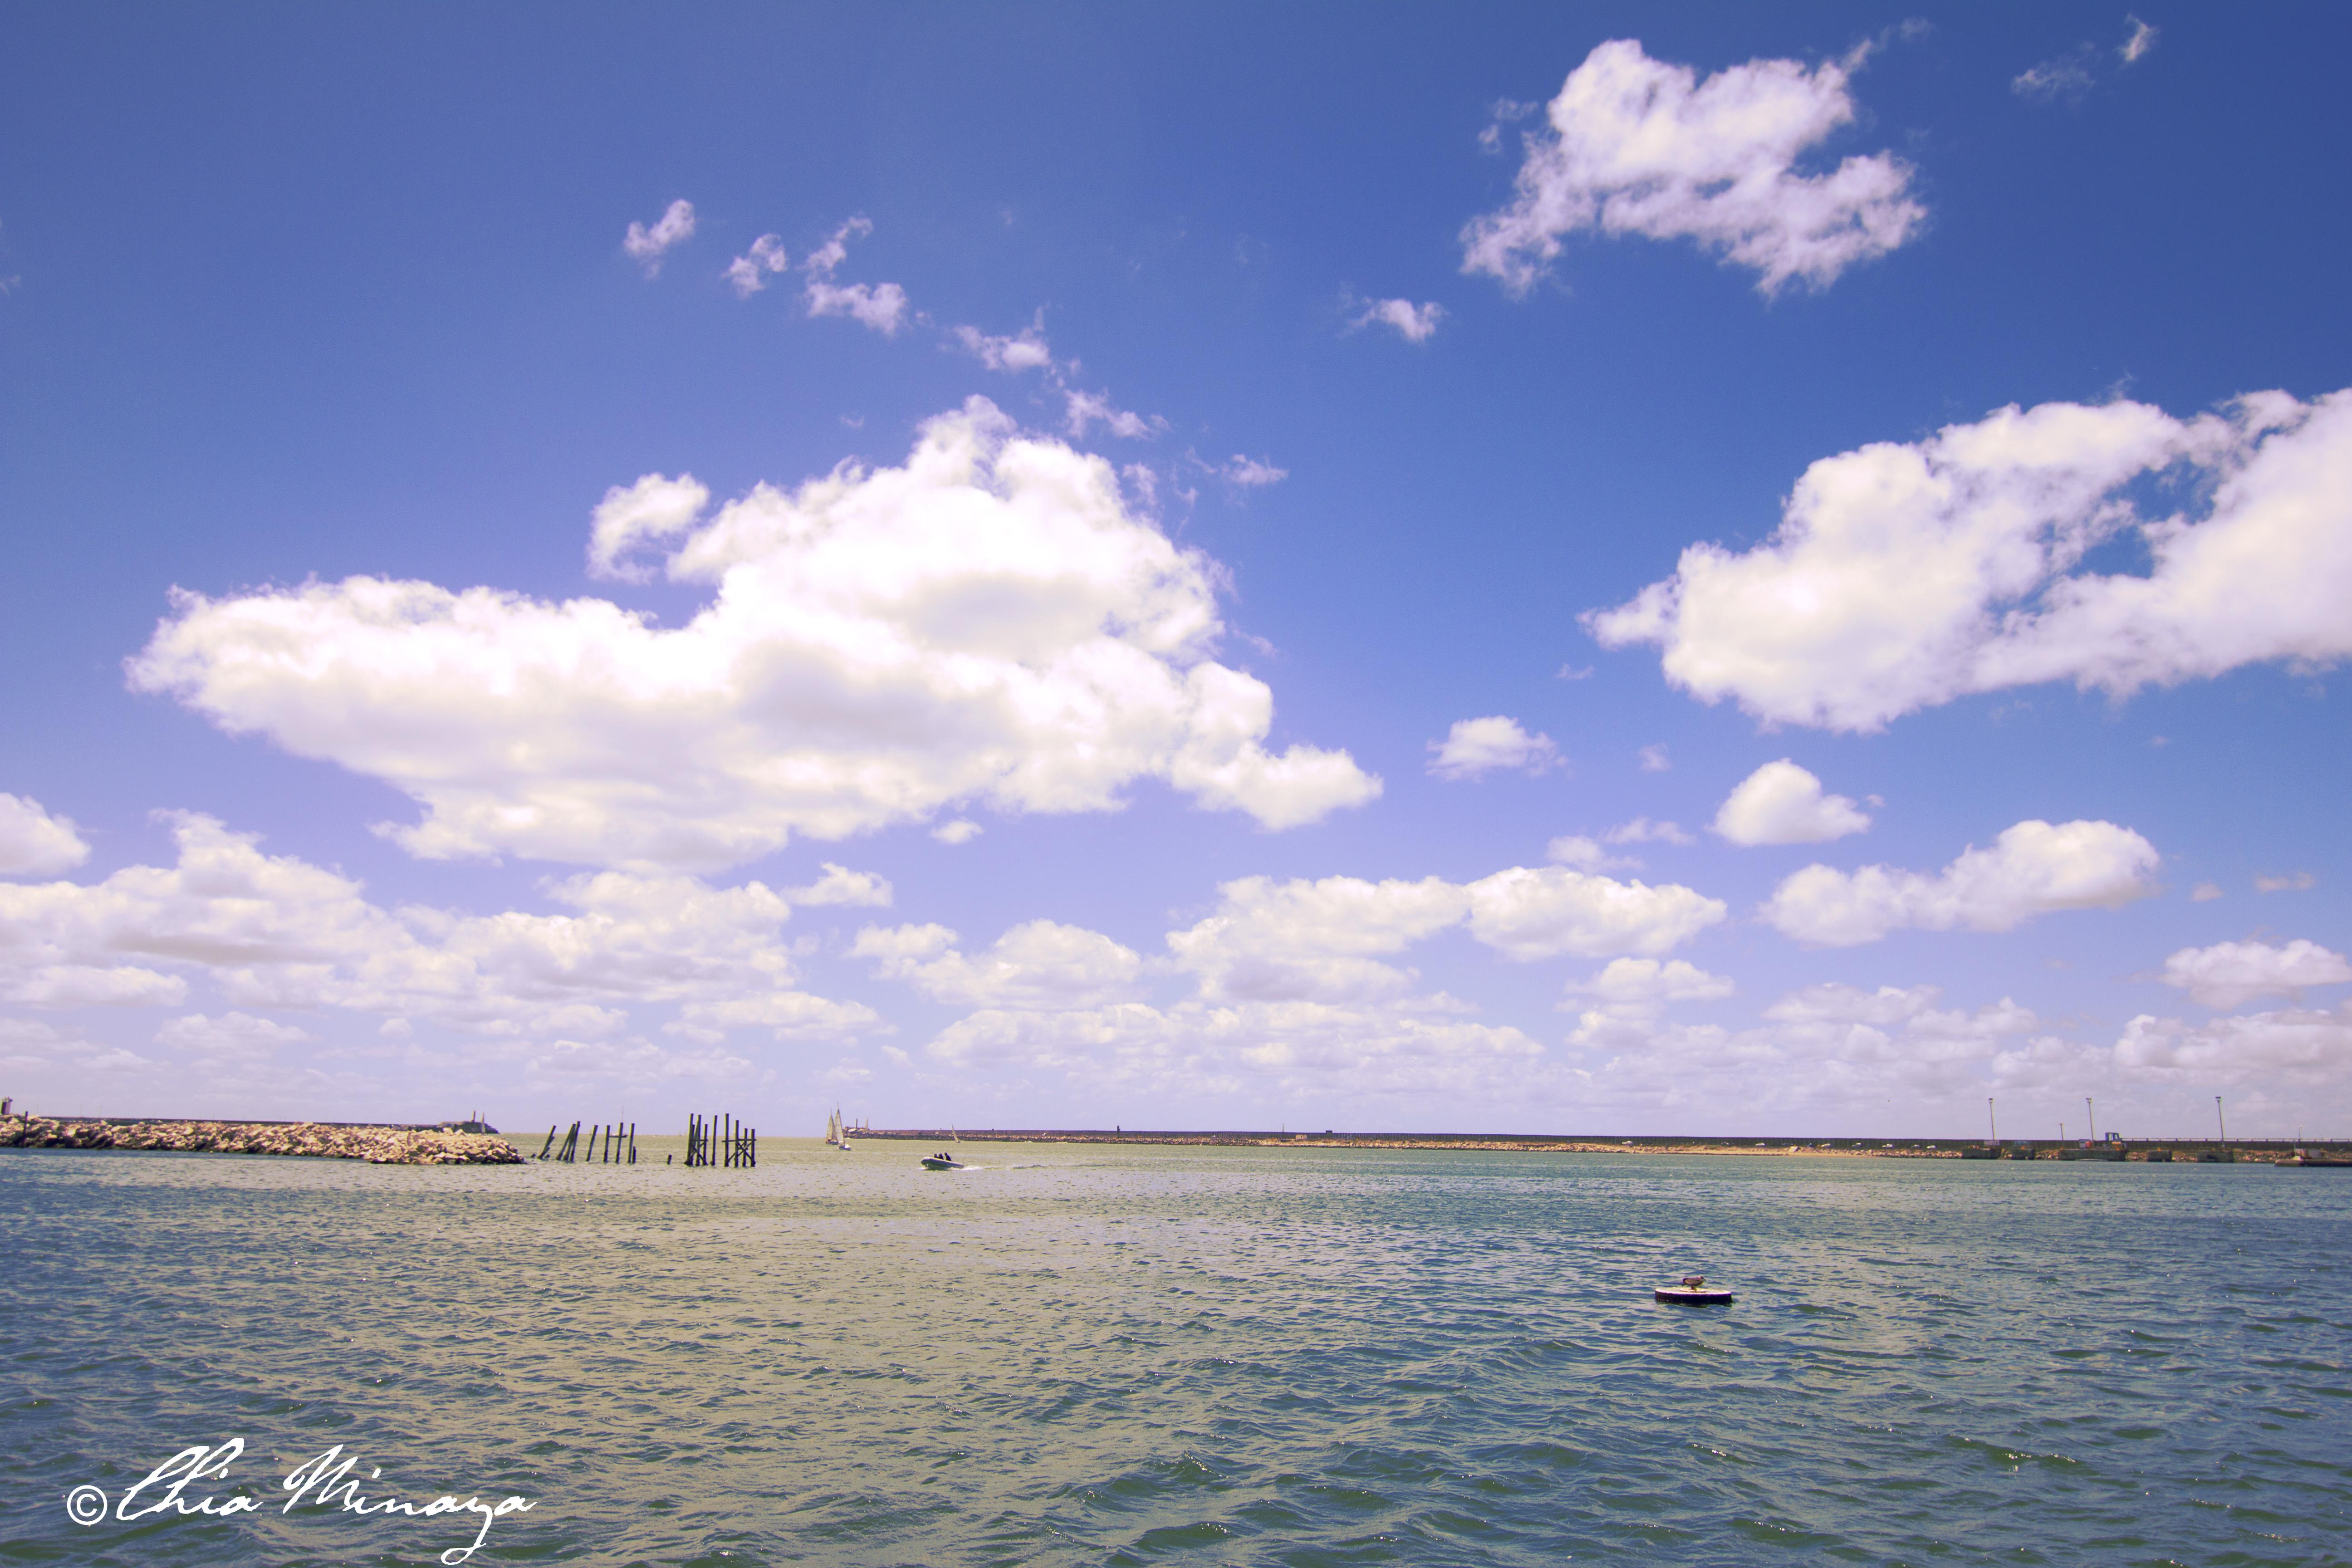 Mar Del Plata, Argentina